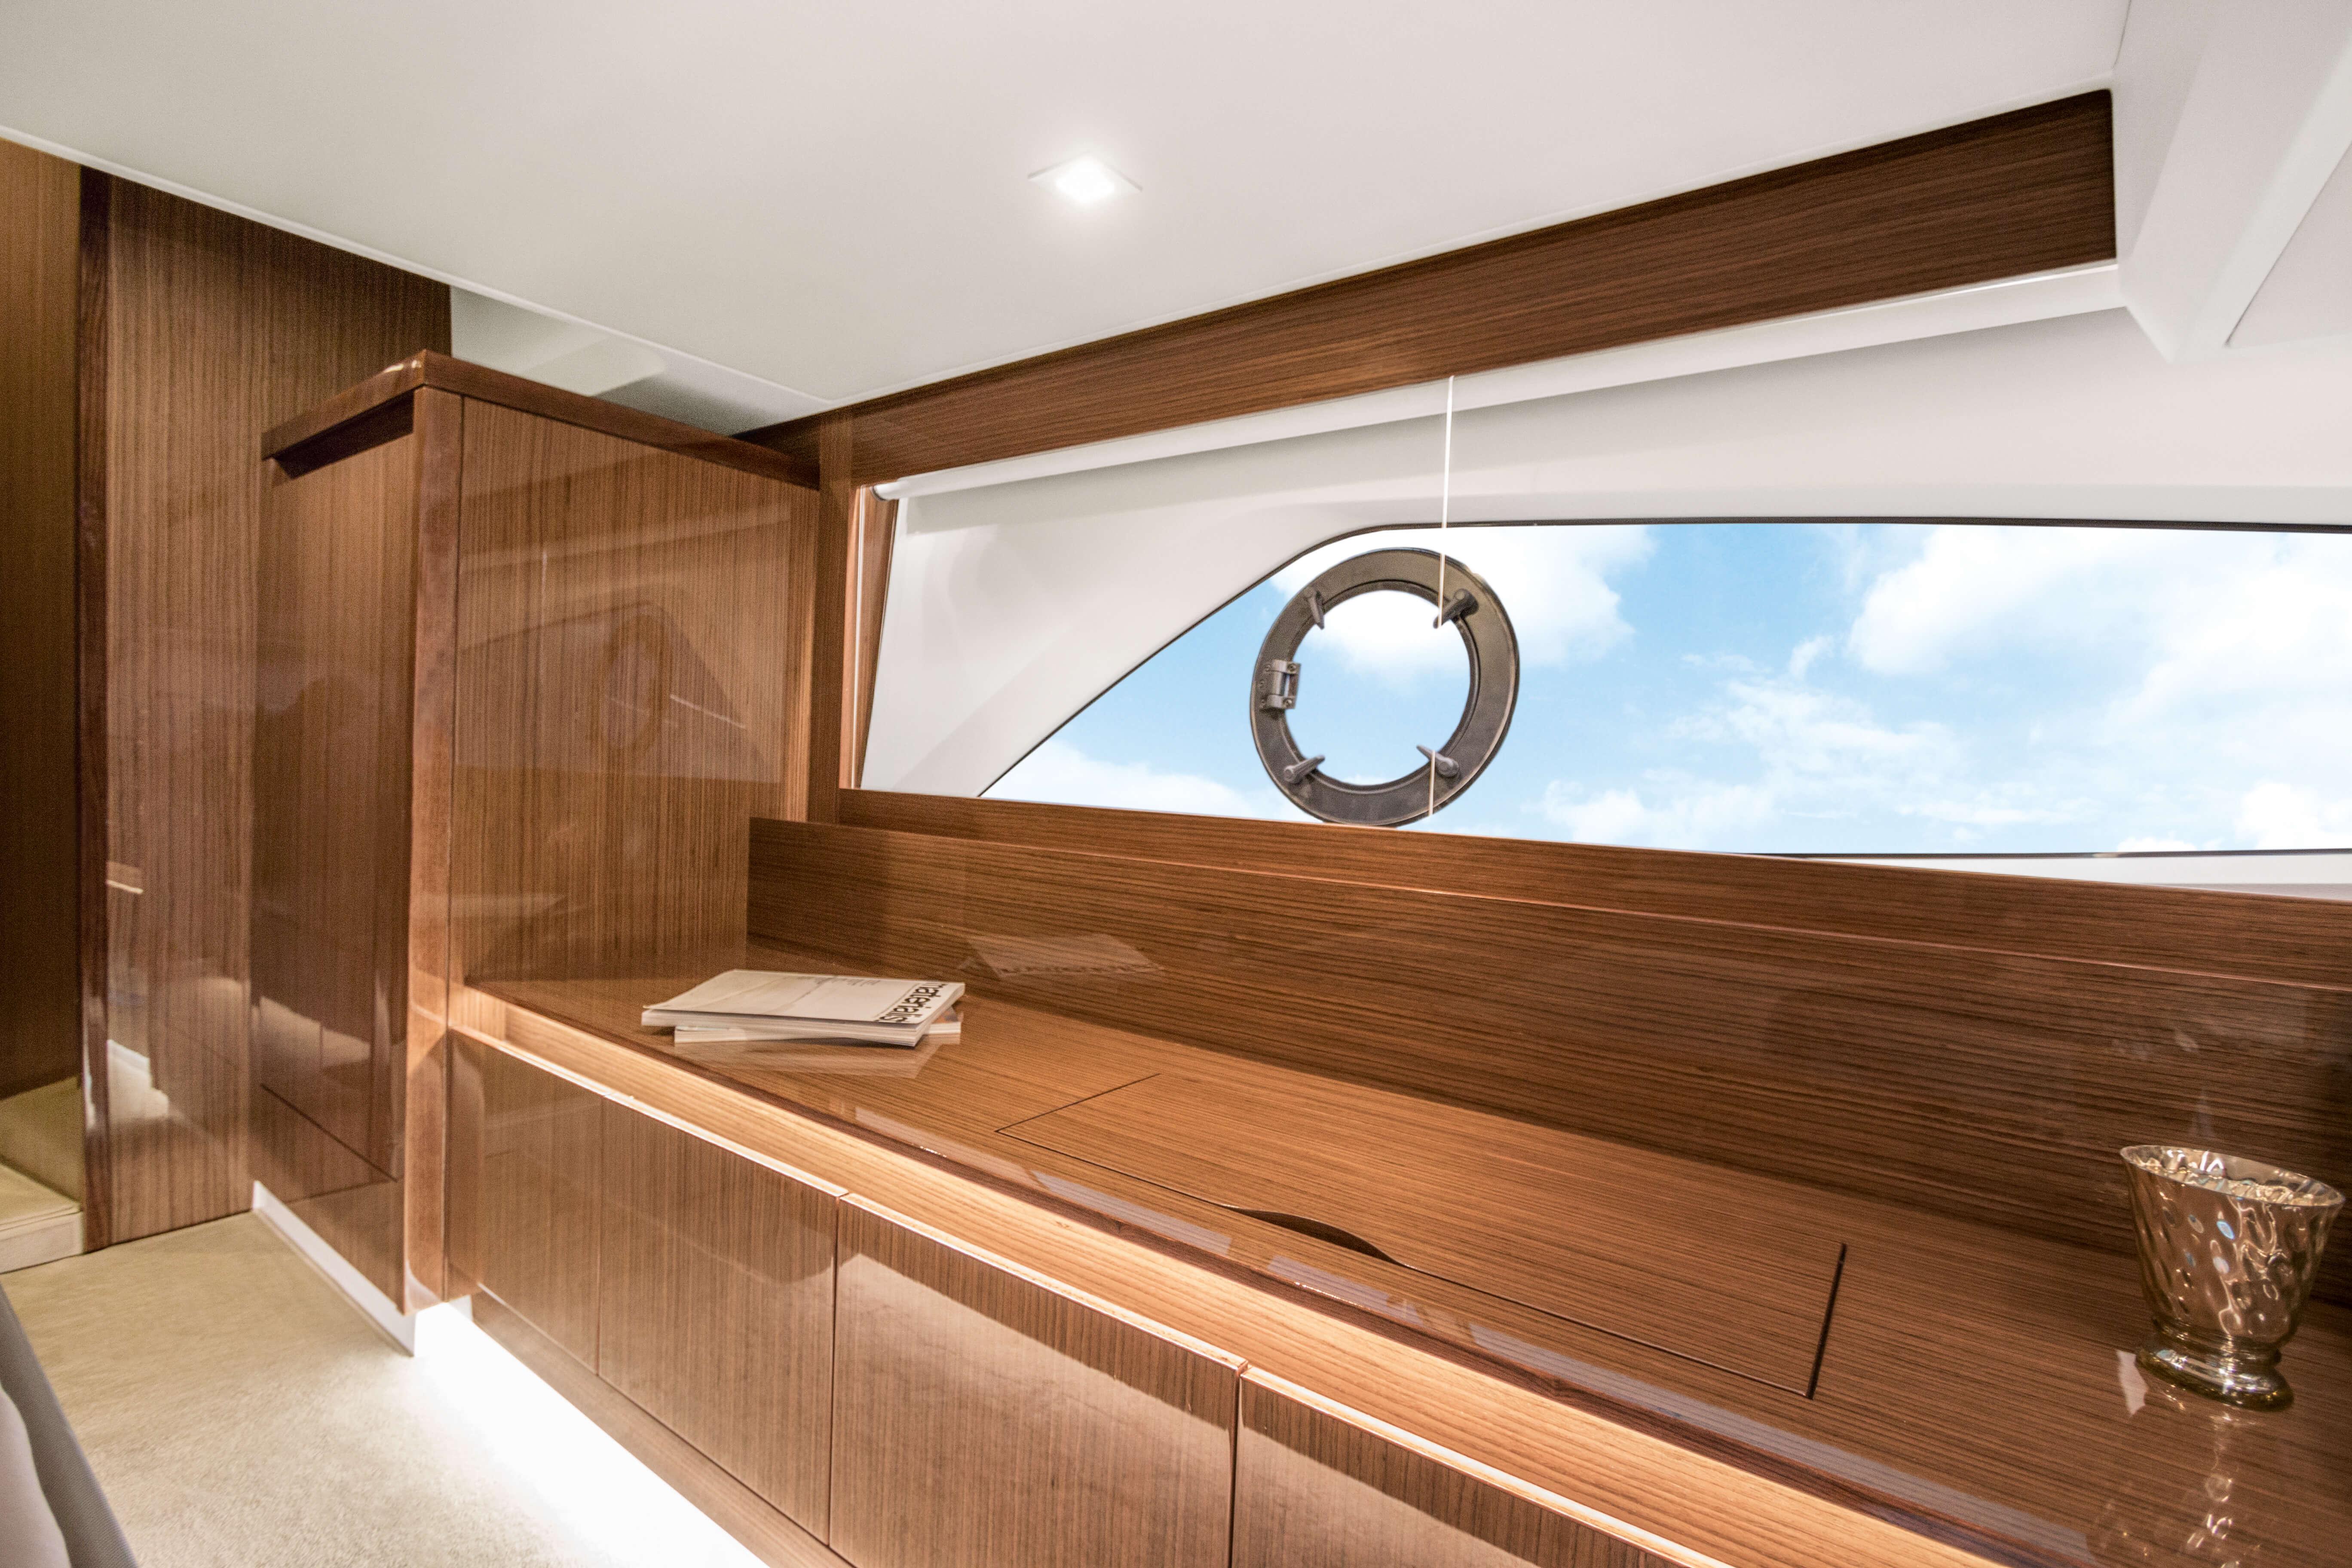 Sealine C430 | Interior view | Sealine